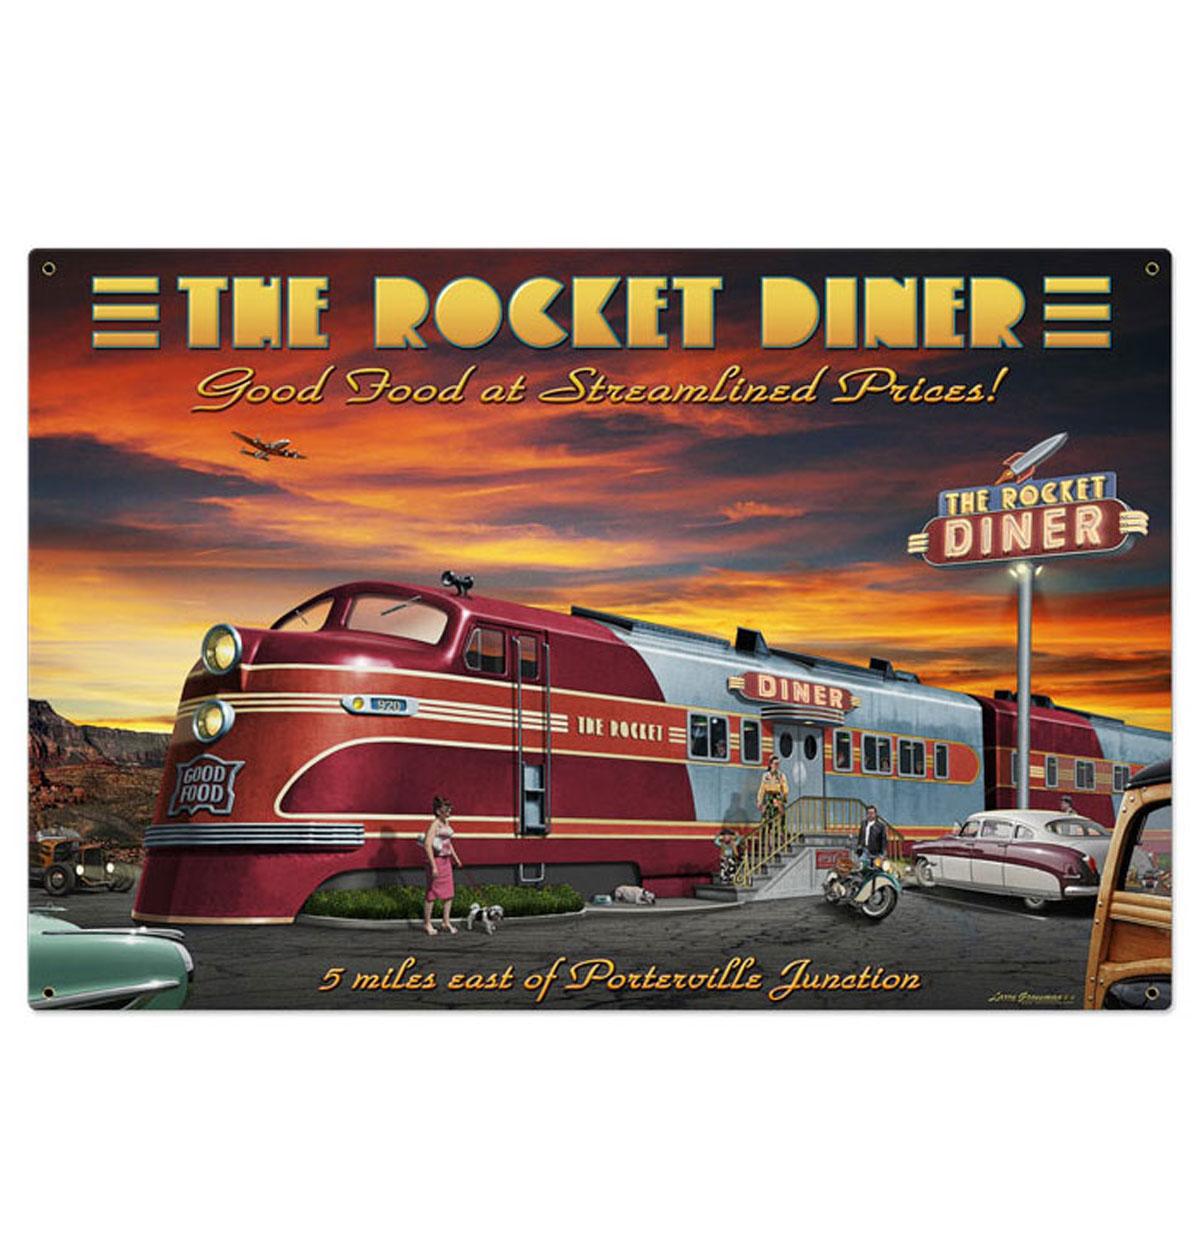 The Rocket Diner Heavy Gauge American Steel Groot Bord